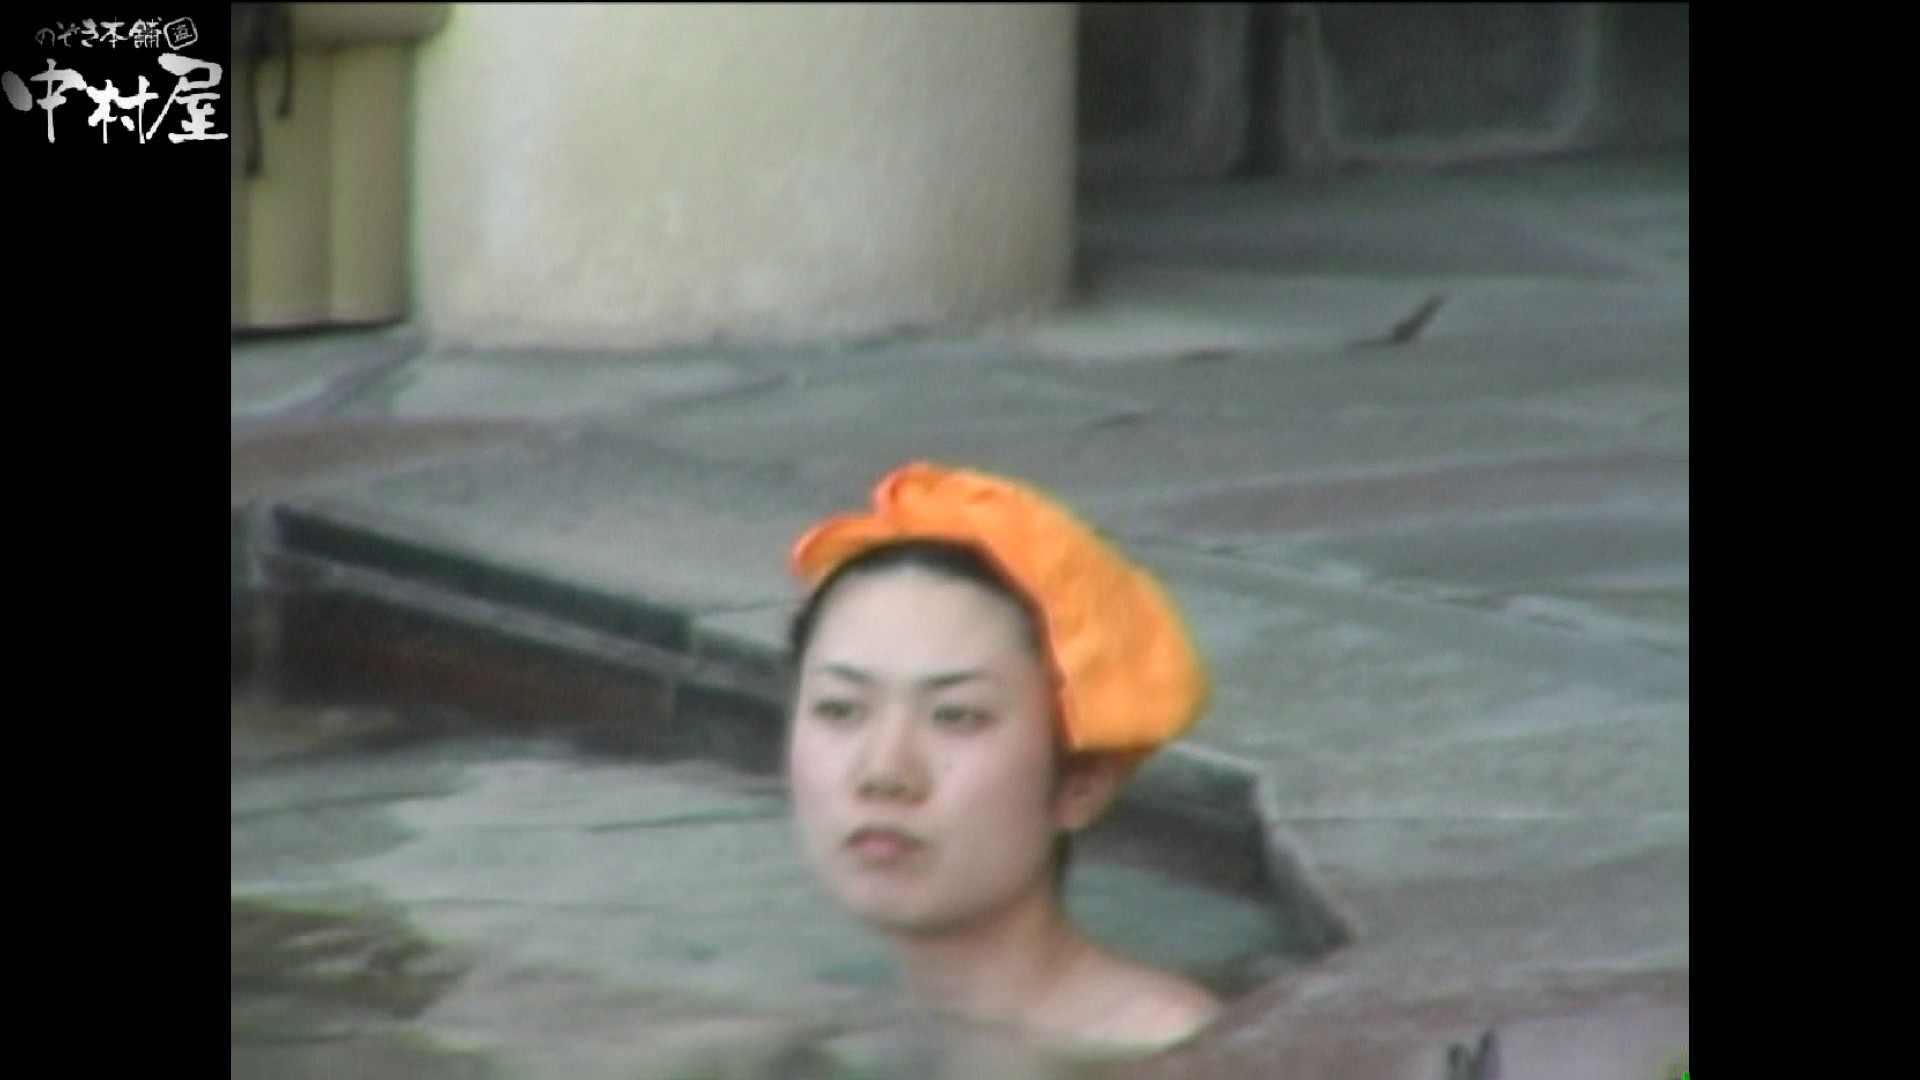 Aquaな露天風呂Vol.978 OLのエロ生活 スケベ動画紹介 73連発 53